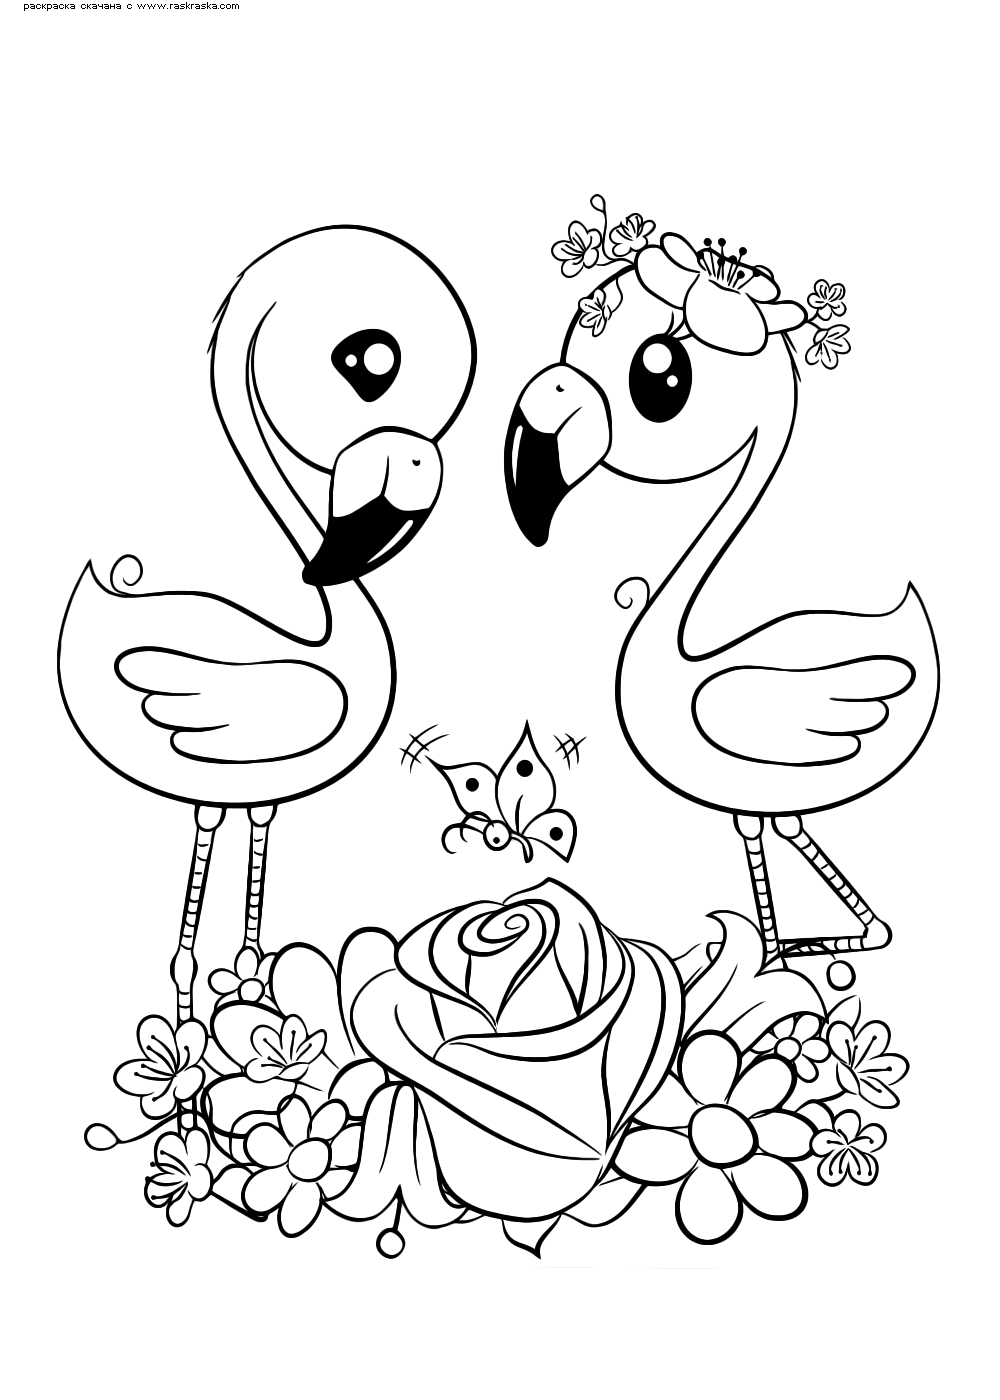 Раскраска Фламинго | Раскраски няшных животных. Милые ...